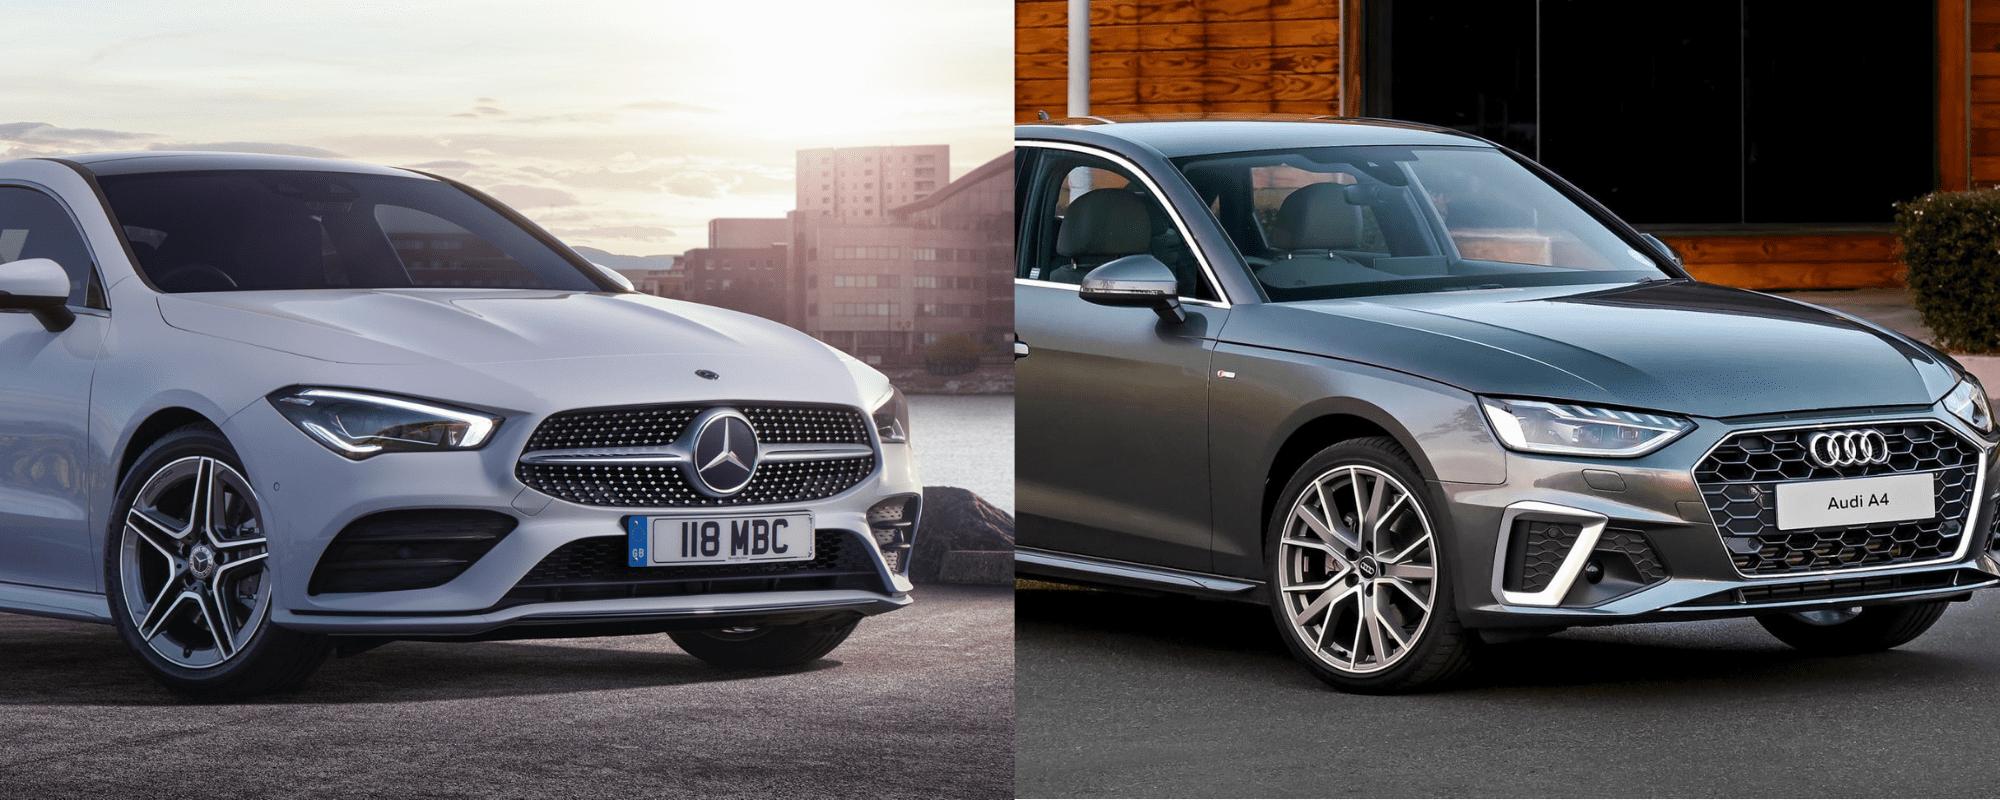 Actualité Audi - Photo d'illustration Comparatif Audi A4 et Mercedes CLA : quelle berline choisir ?